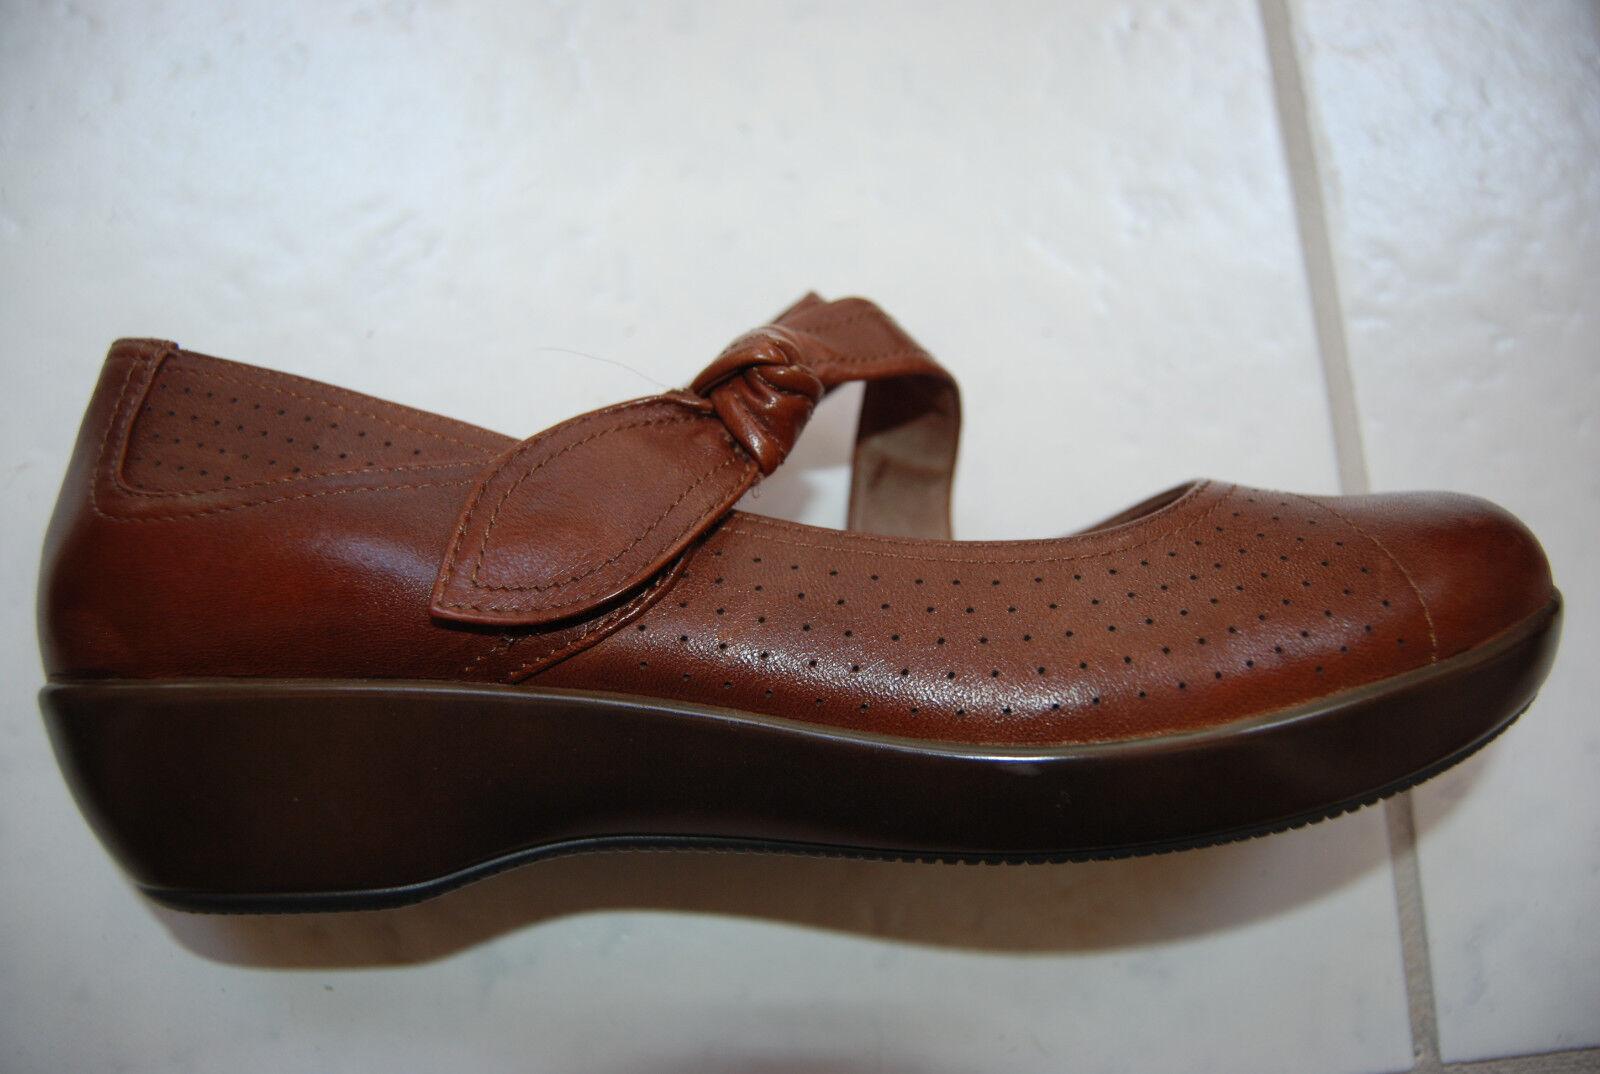 New Dark Marronee DANSKO  Mary Jane Style scarpe EU 39 US 8.5 - 9  alta qualità e spedizione veloce